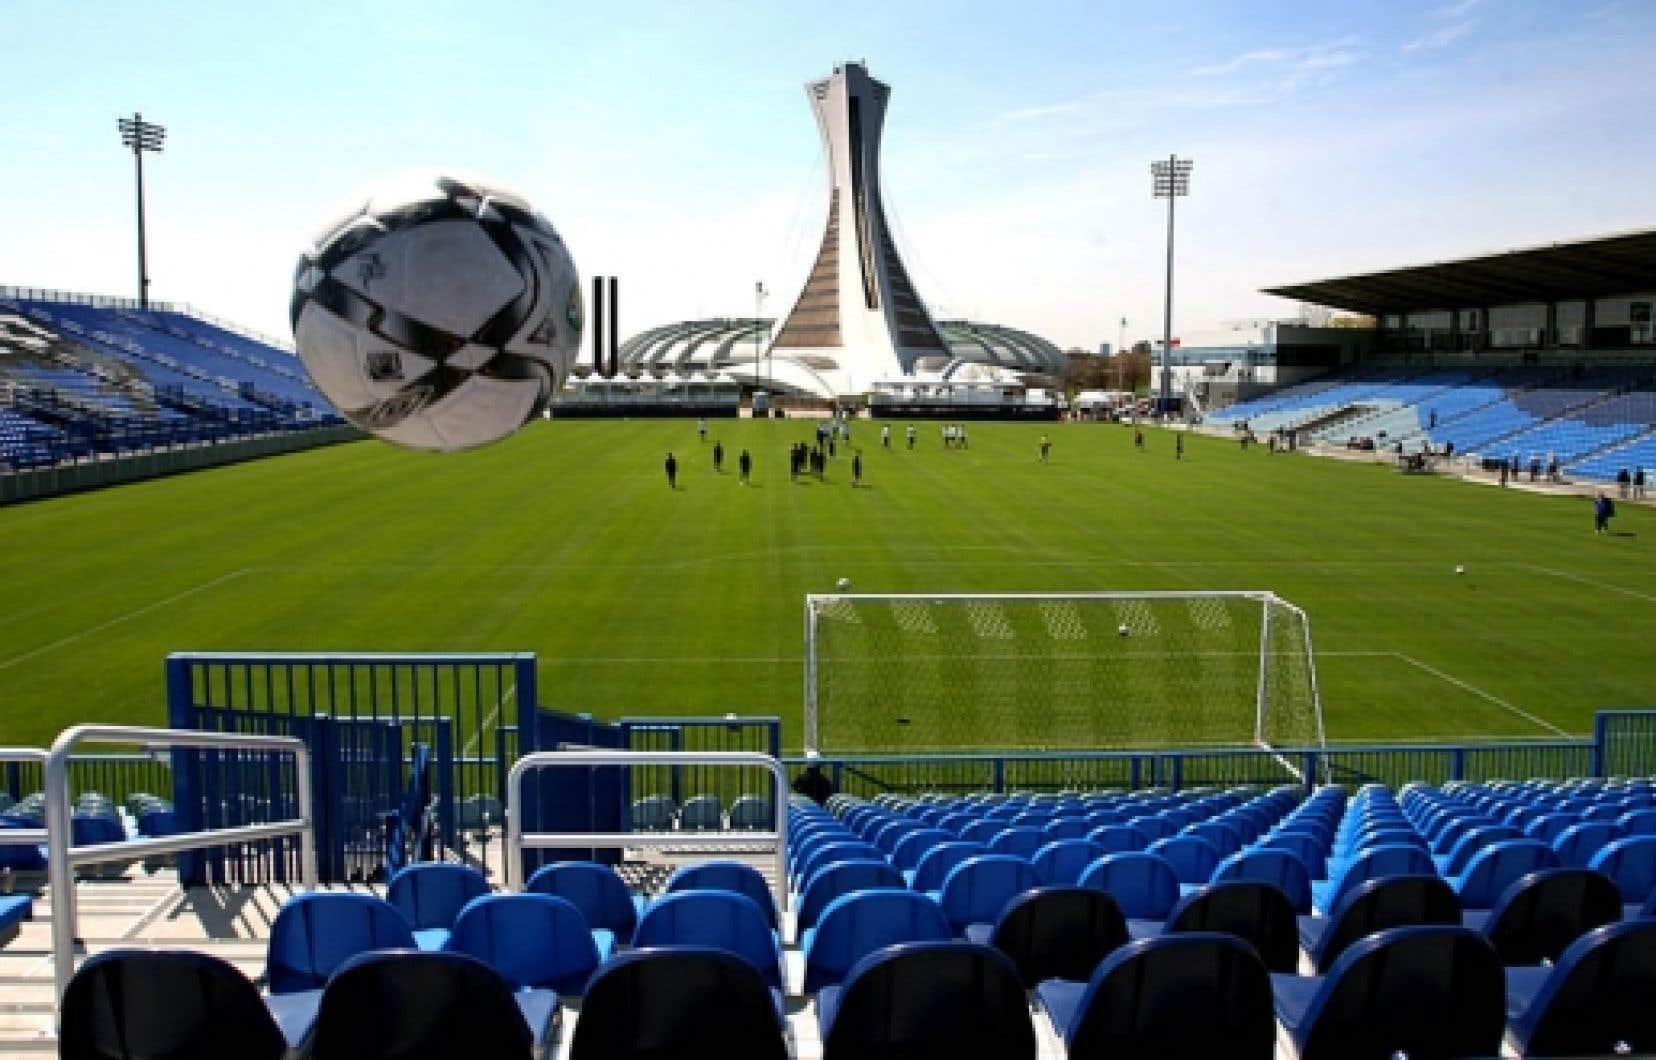 L'Impact de Montréal s'entraîne tout près du Stade olympique, au stade Saputo.